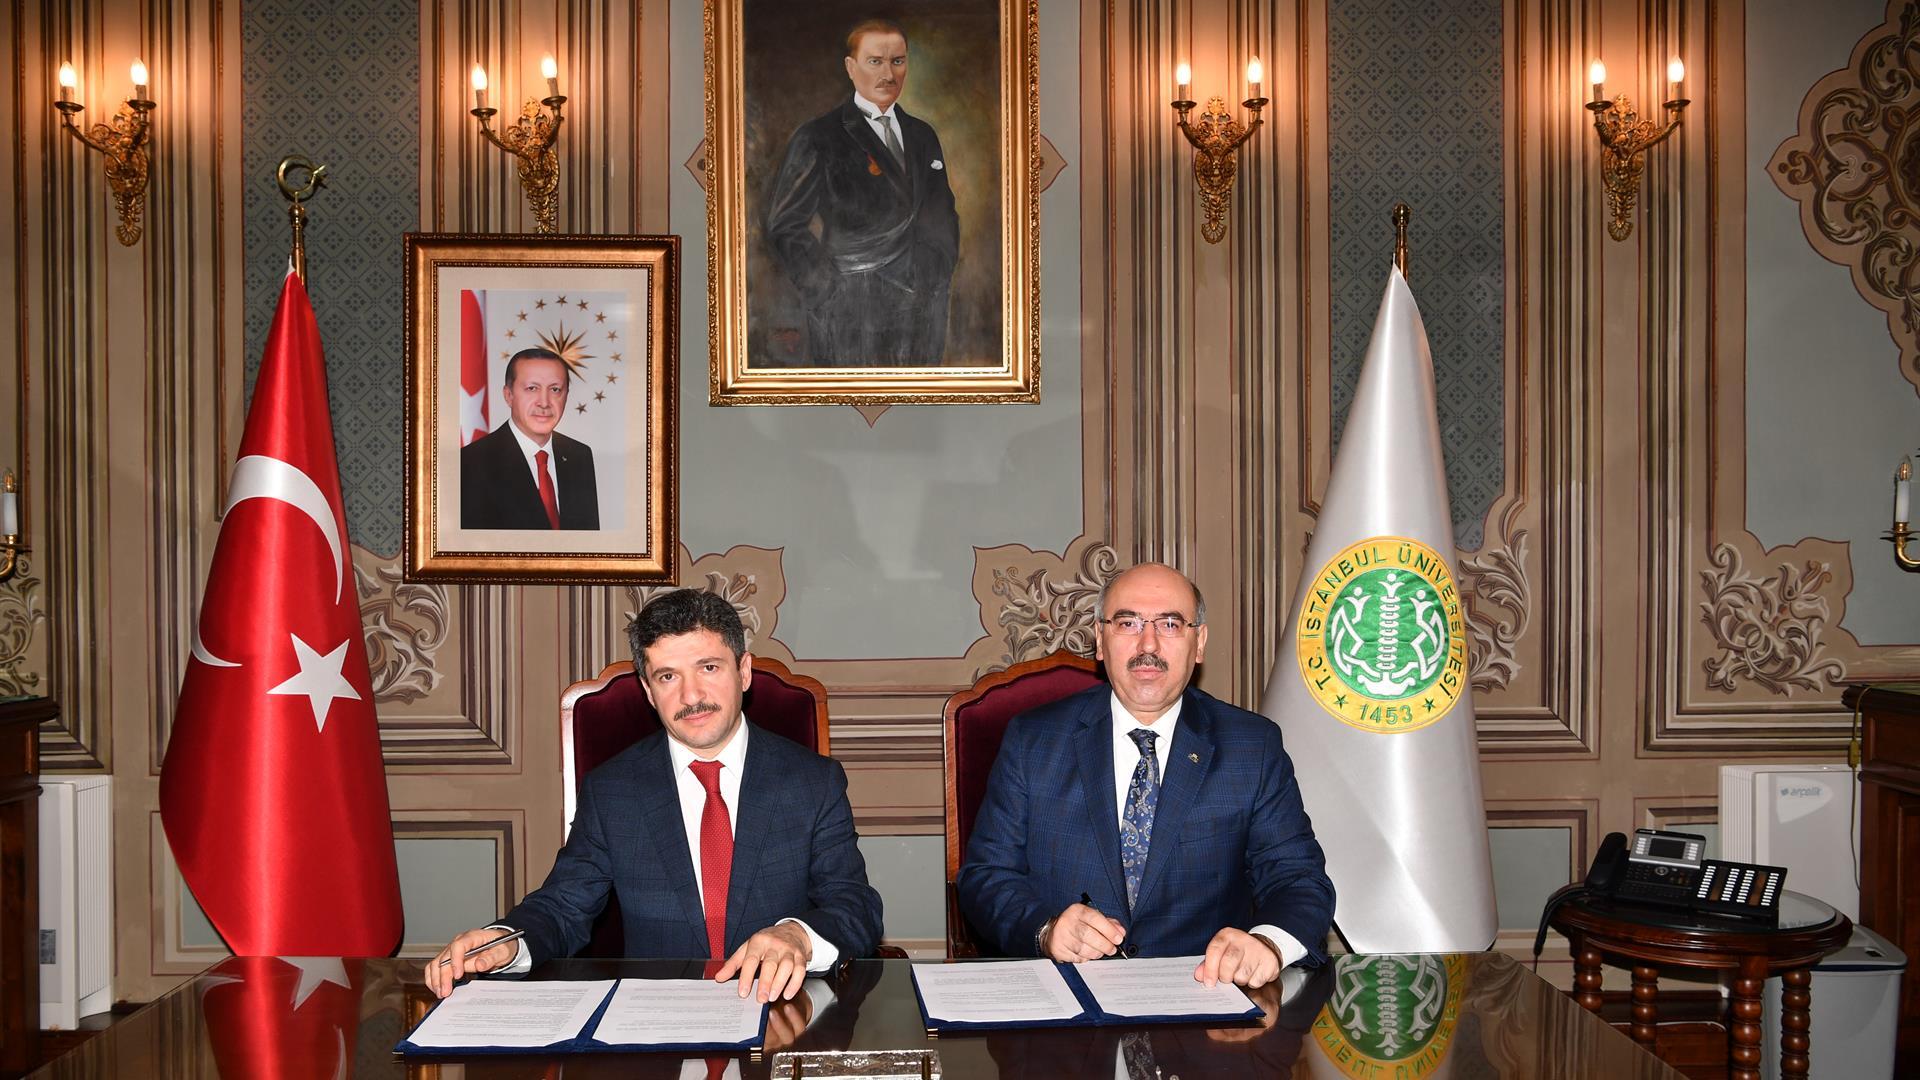 İstanbul-Üniversitesi-ve-UGETAM-Arasında-Eğitim-Protokolü-İmzalandı